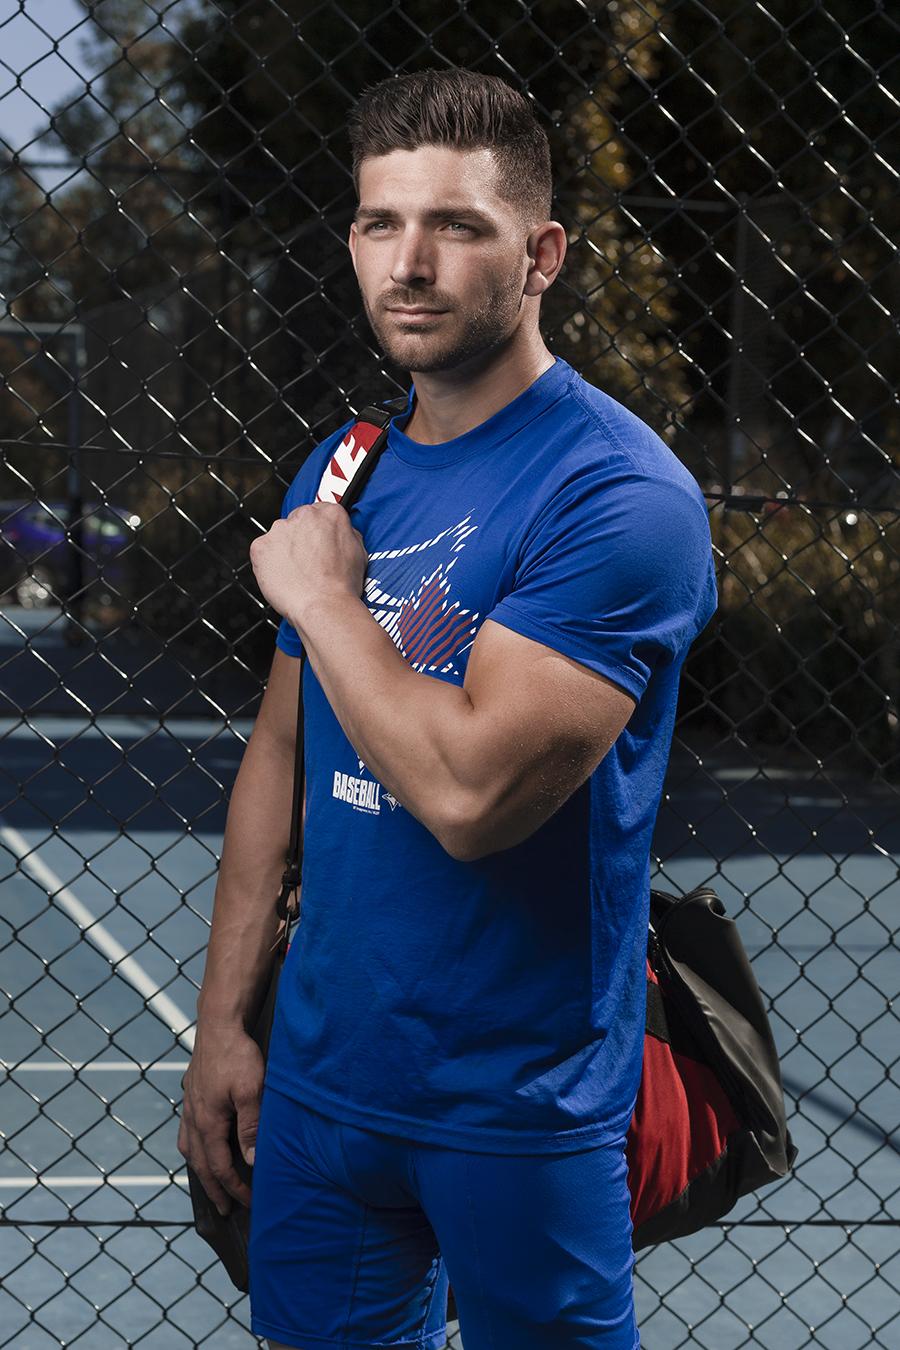 John Perth boxing fitness model